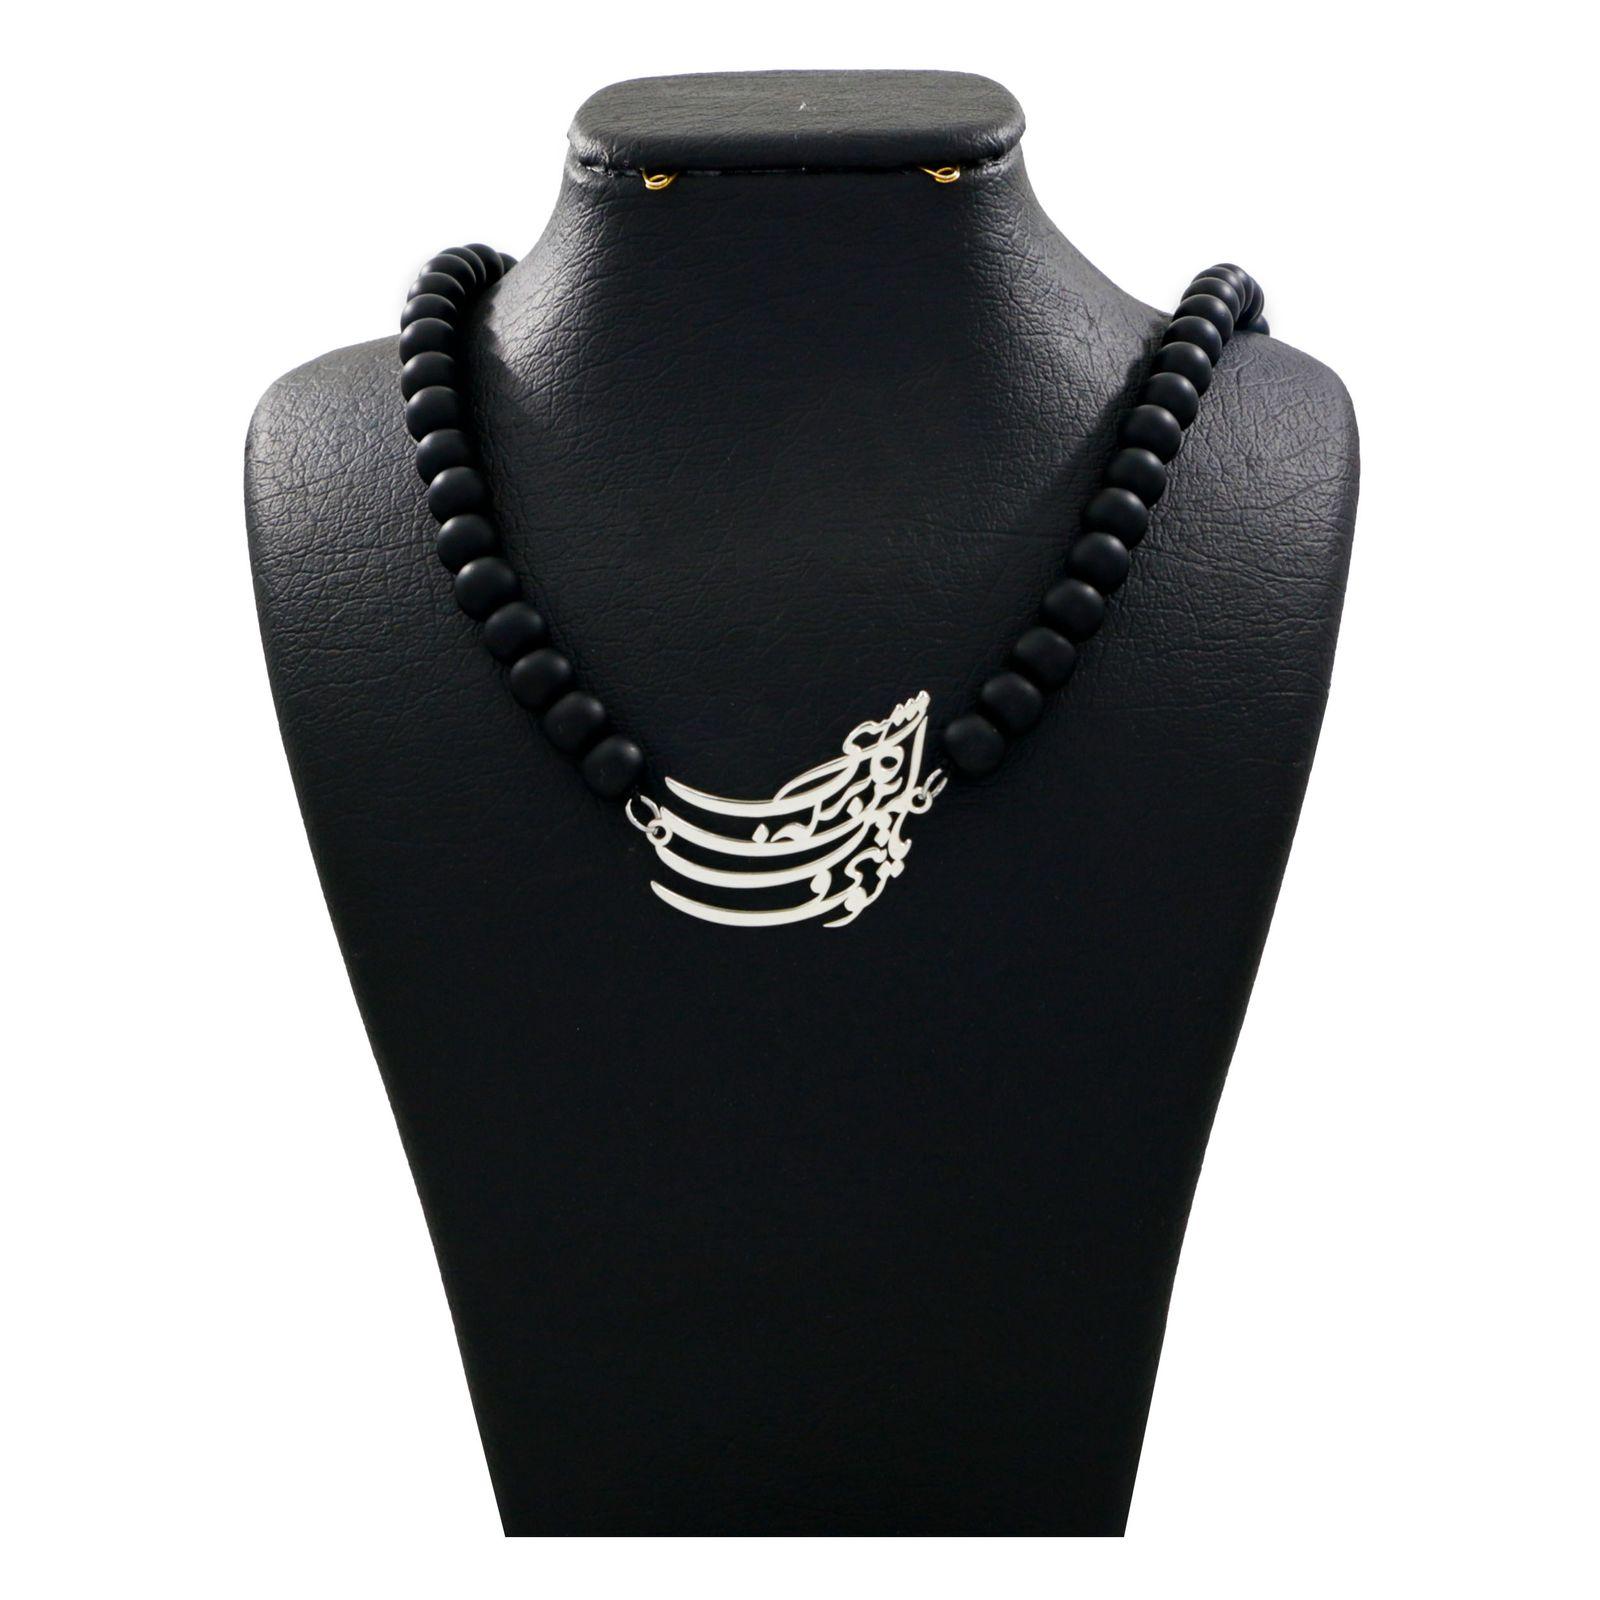 گردنبند نقره زنانه دلی جم طرح تو ماهی و من ماهی این برکه کاشی کد D 87 -  - 2